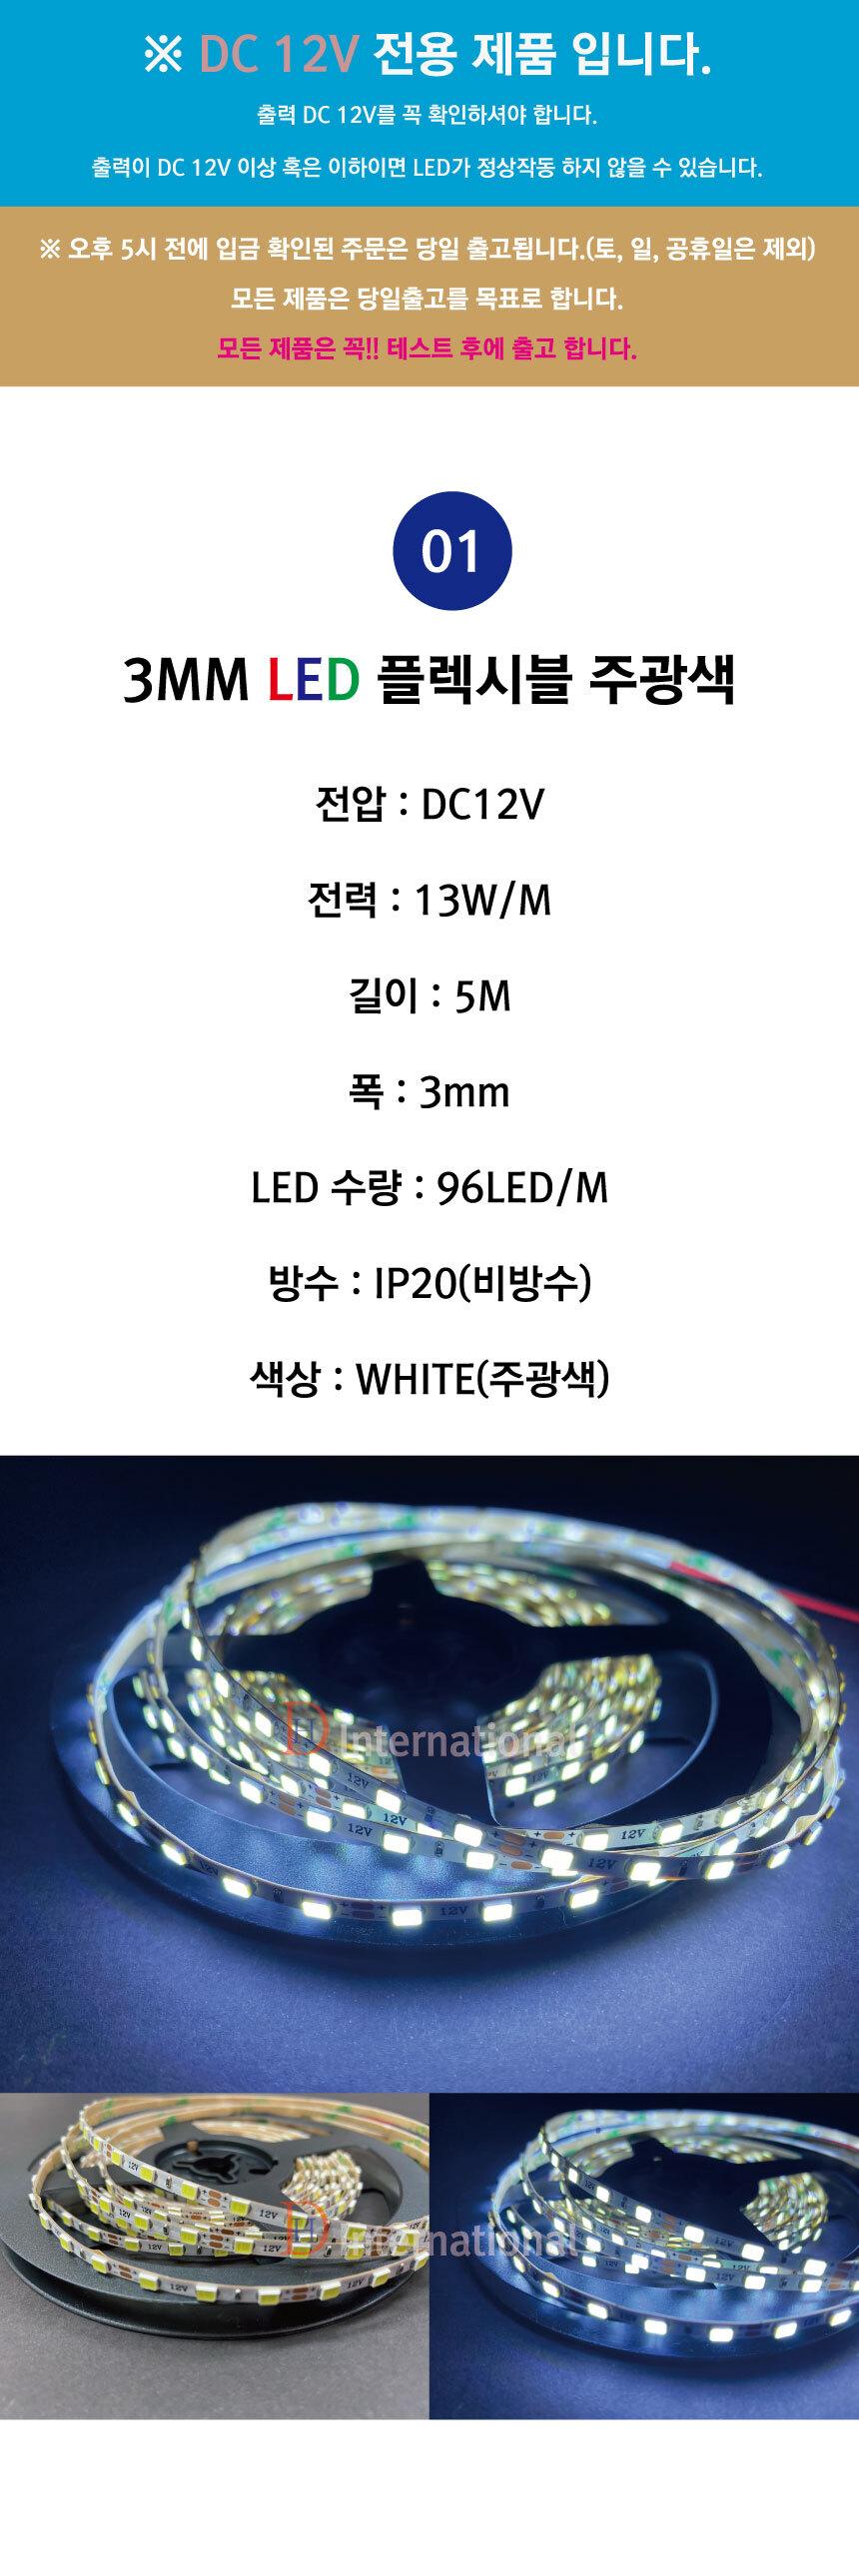 3mm-LED-STRIP-%EC%A3%BC%EA%B4%91%EC%83%8